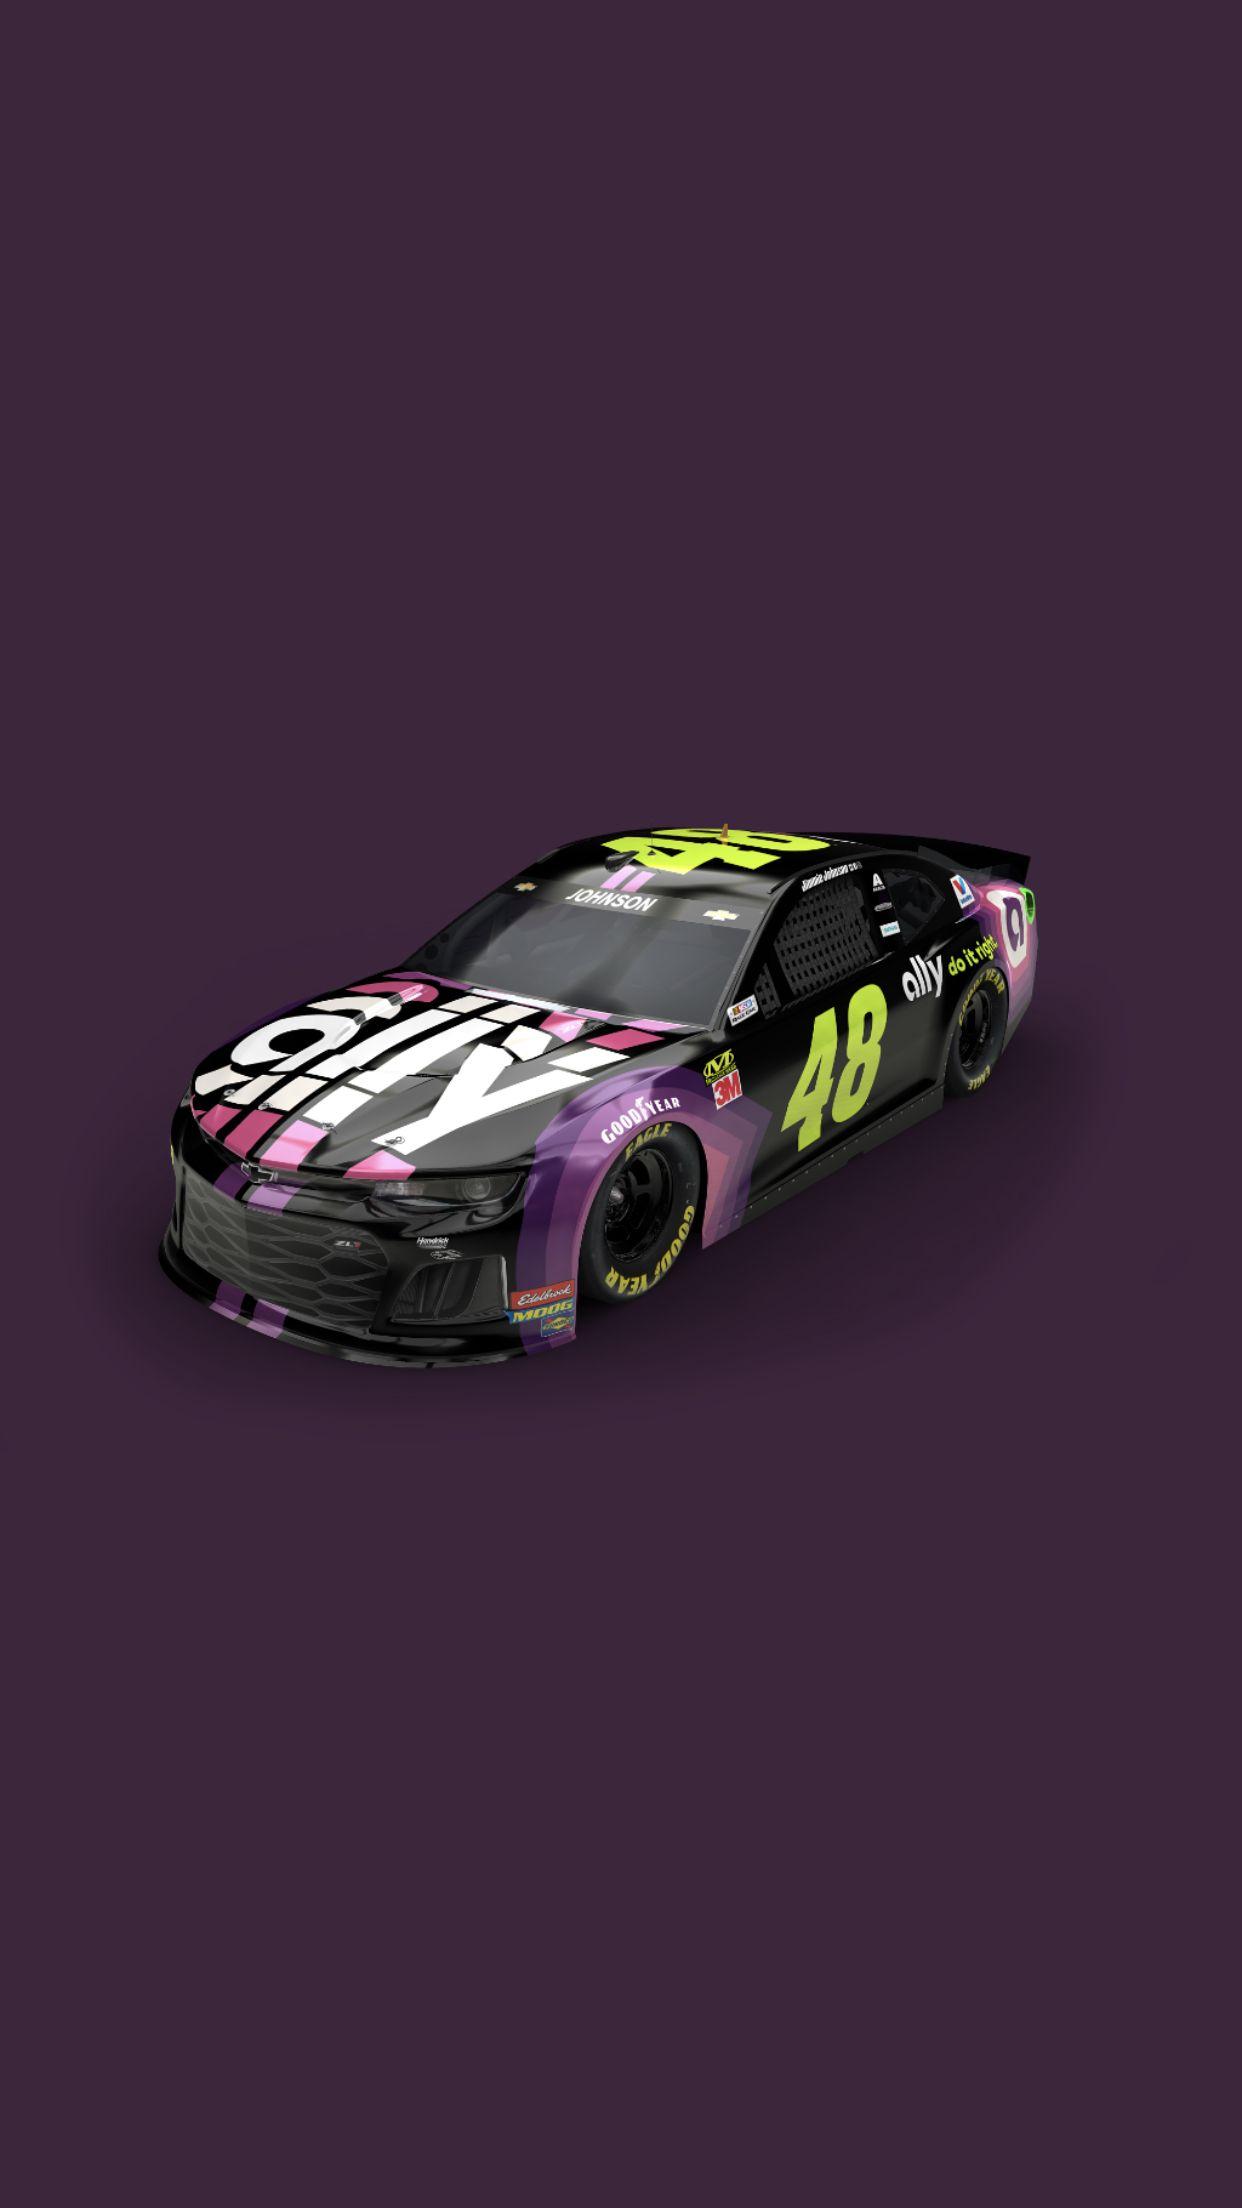 Pin By Dveet On Nascar Jimmy Johnson Nascar Cup Series Nascar Racing